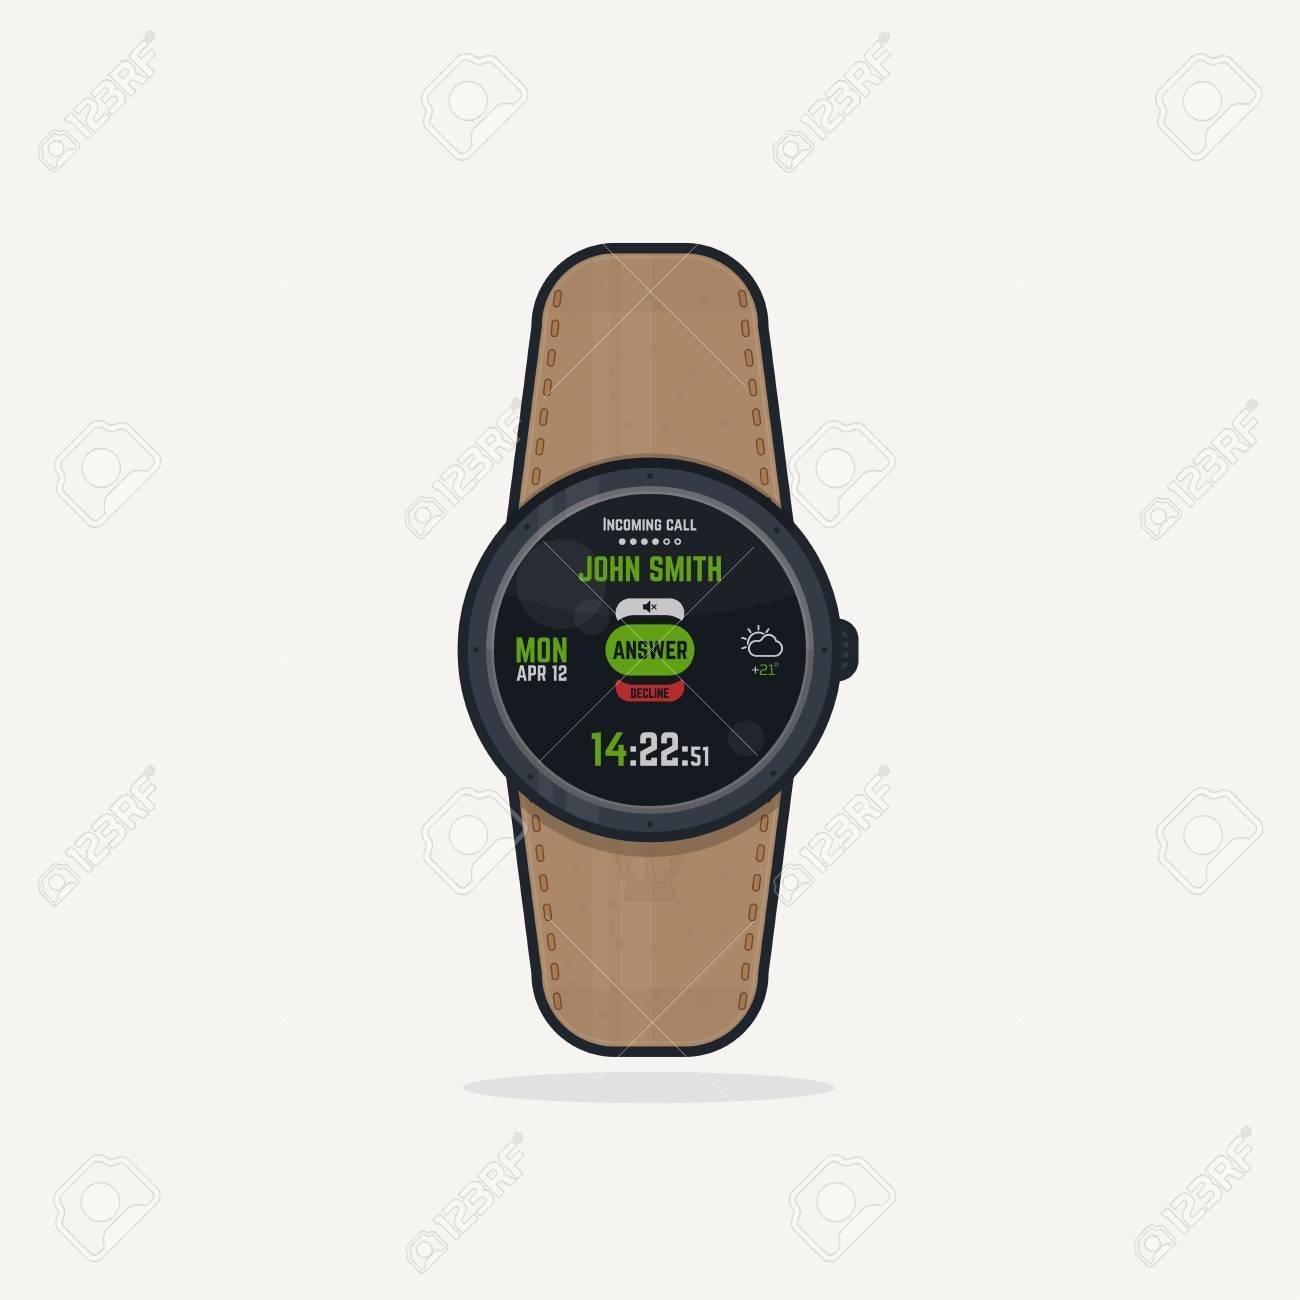 2b8f3a1f410c Foto de archivo - Reloj digital de pulsera con correa de cuero. aparatos  portátiles concepto de vigilancia inteligente con funciones de  visualización y de ...